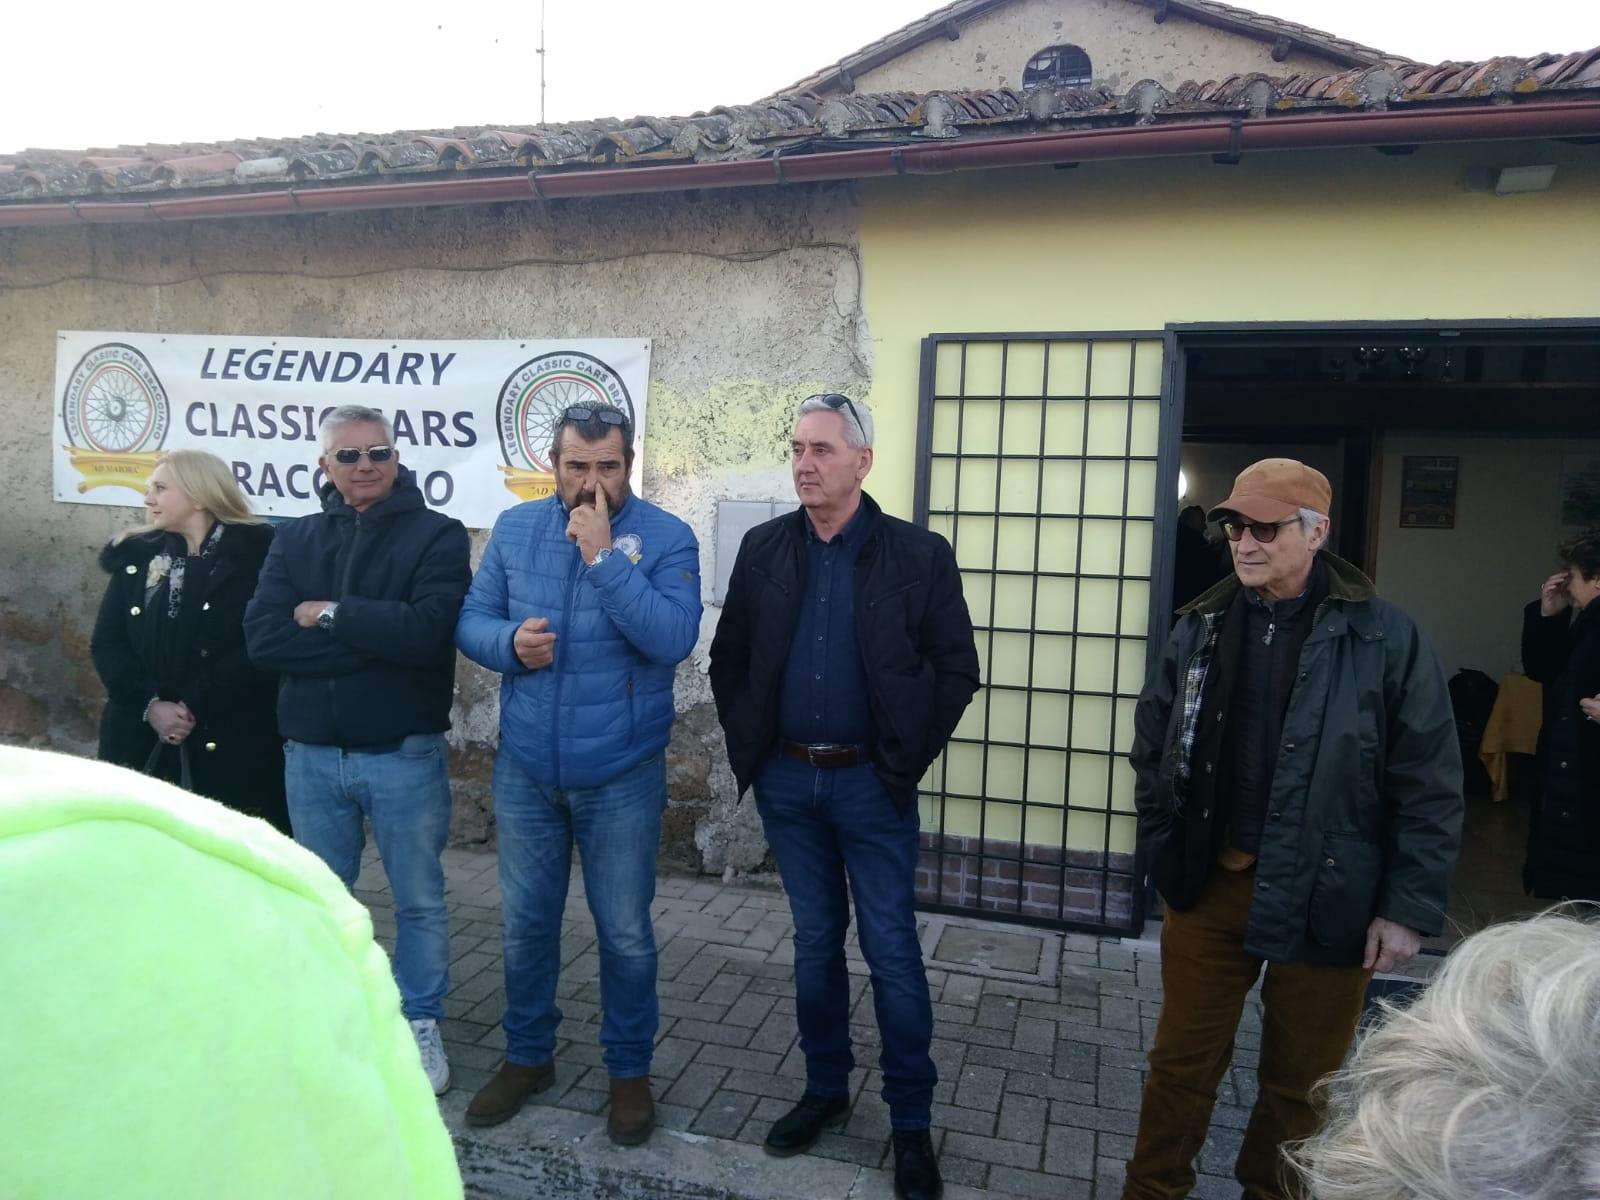 Inaugurata la nuova sede del Legendary Classic Cars Bracciano